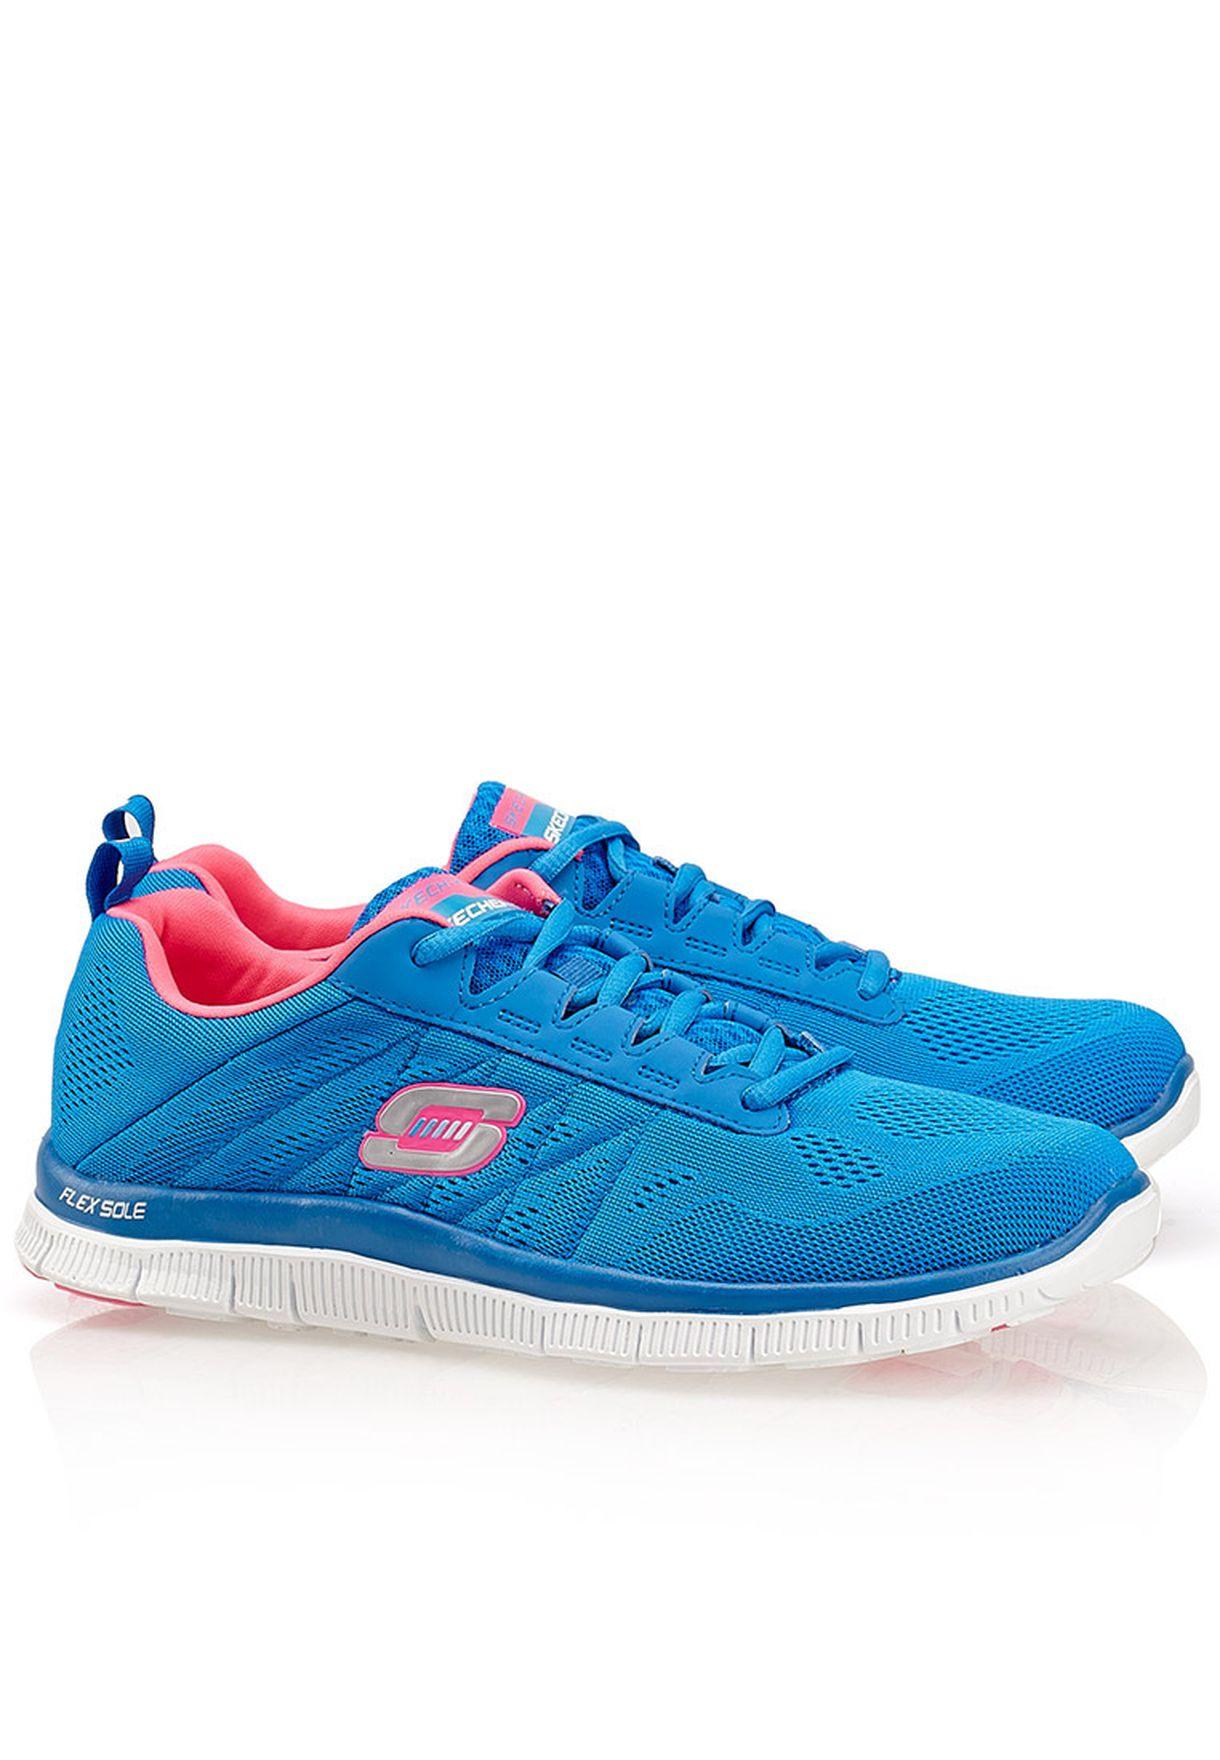 SKECHERS FLEX APPEAL Sweet Spot Sneakers Skech Knit Uppers Blue Aqua Sz 8